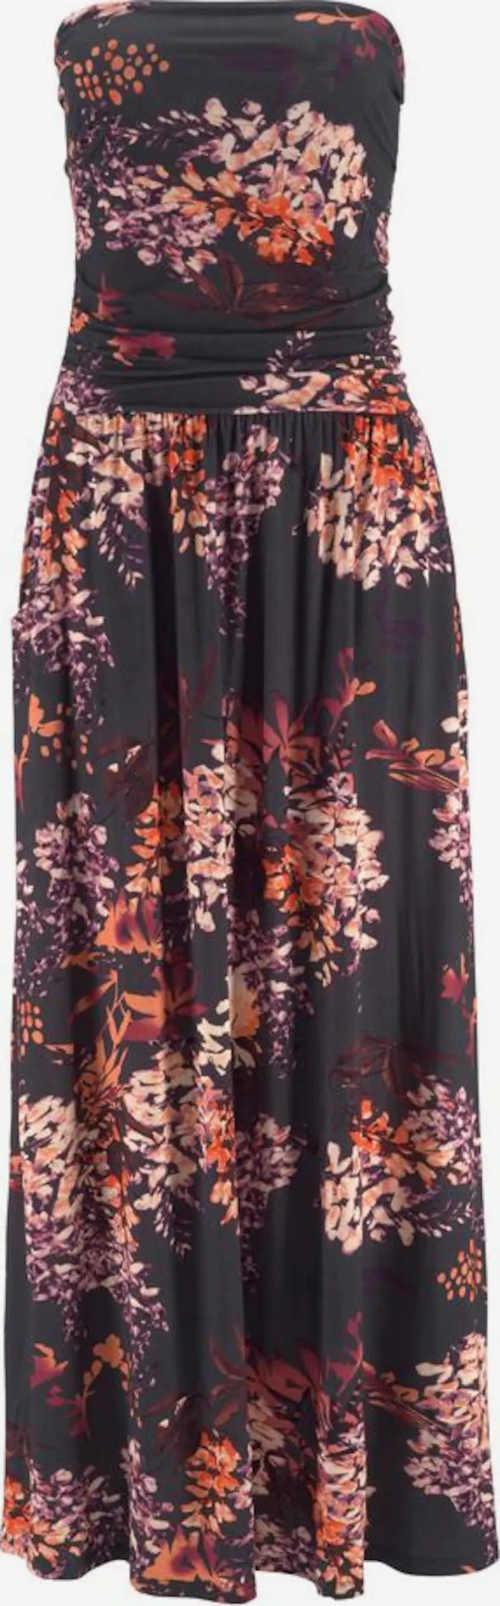 Dlouhé bandeau dámské šaty na léto